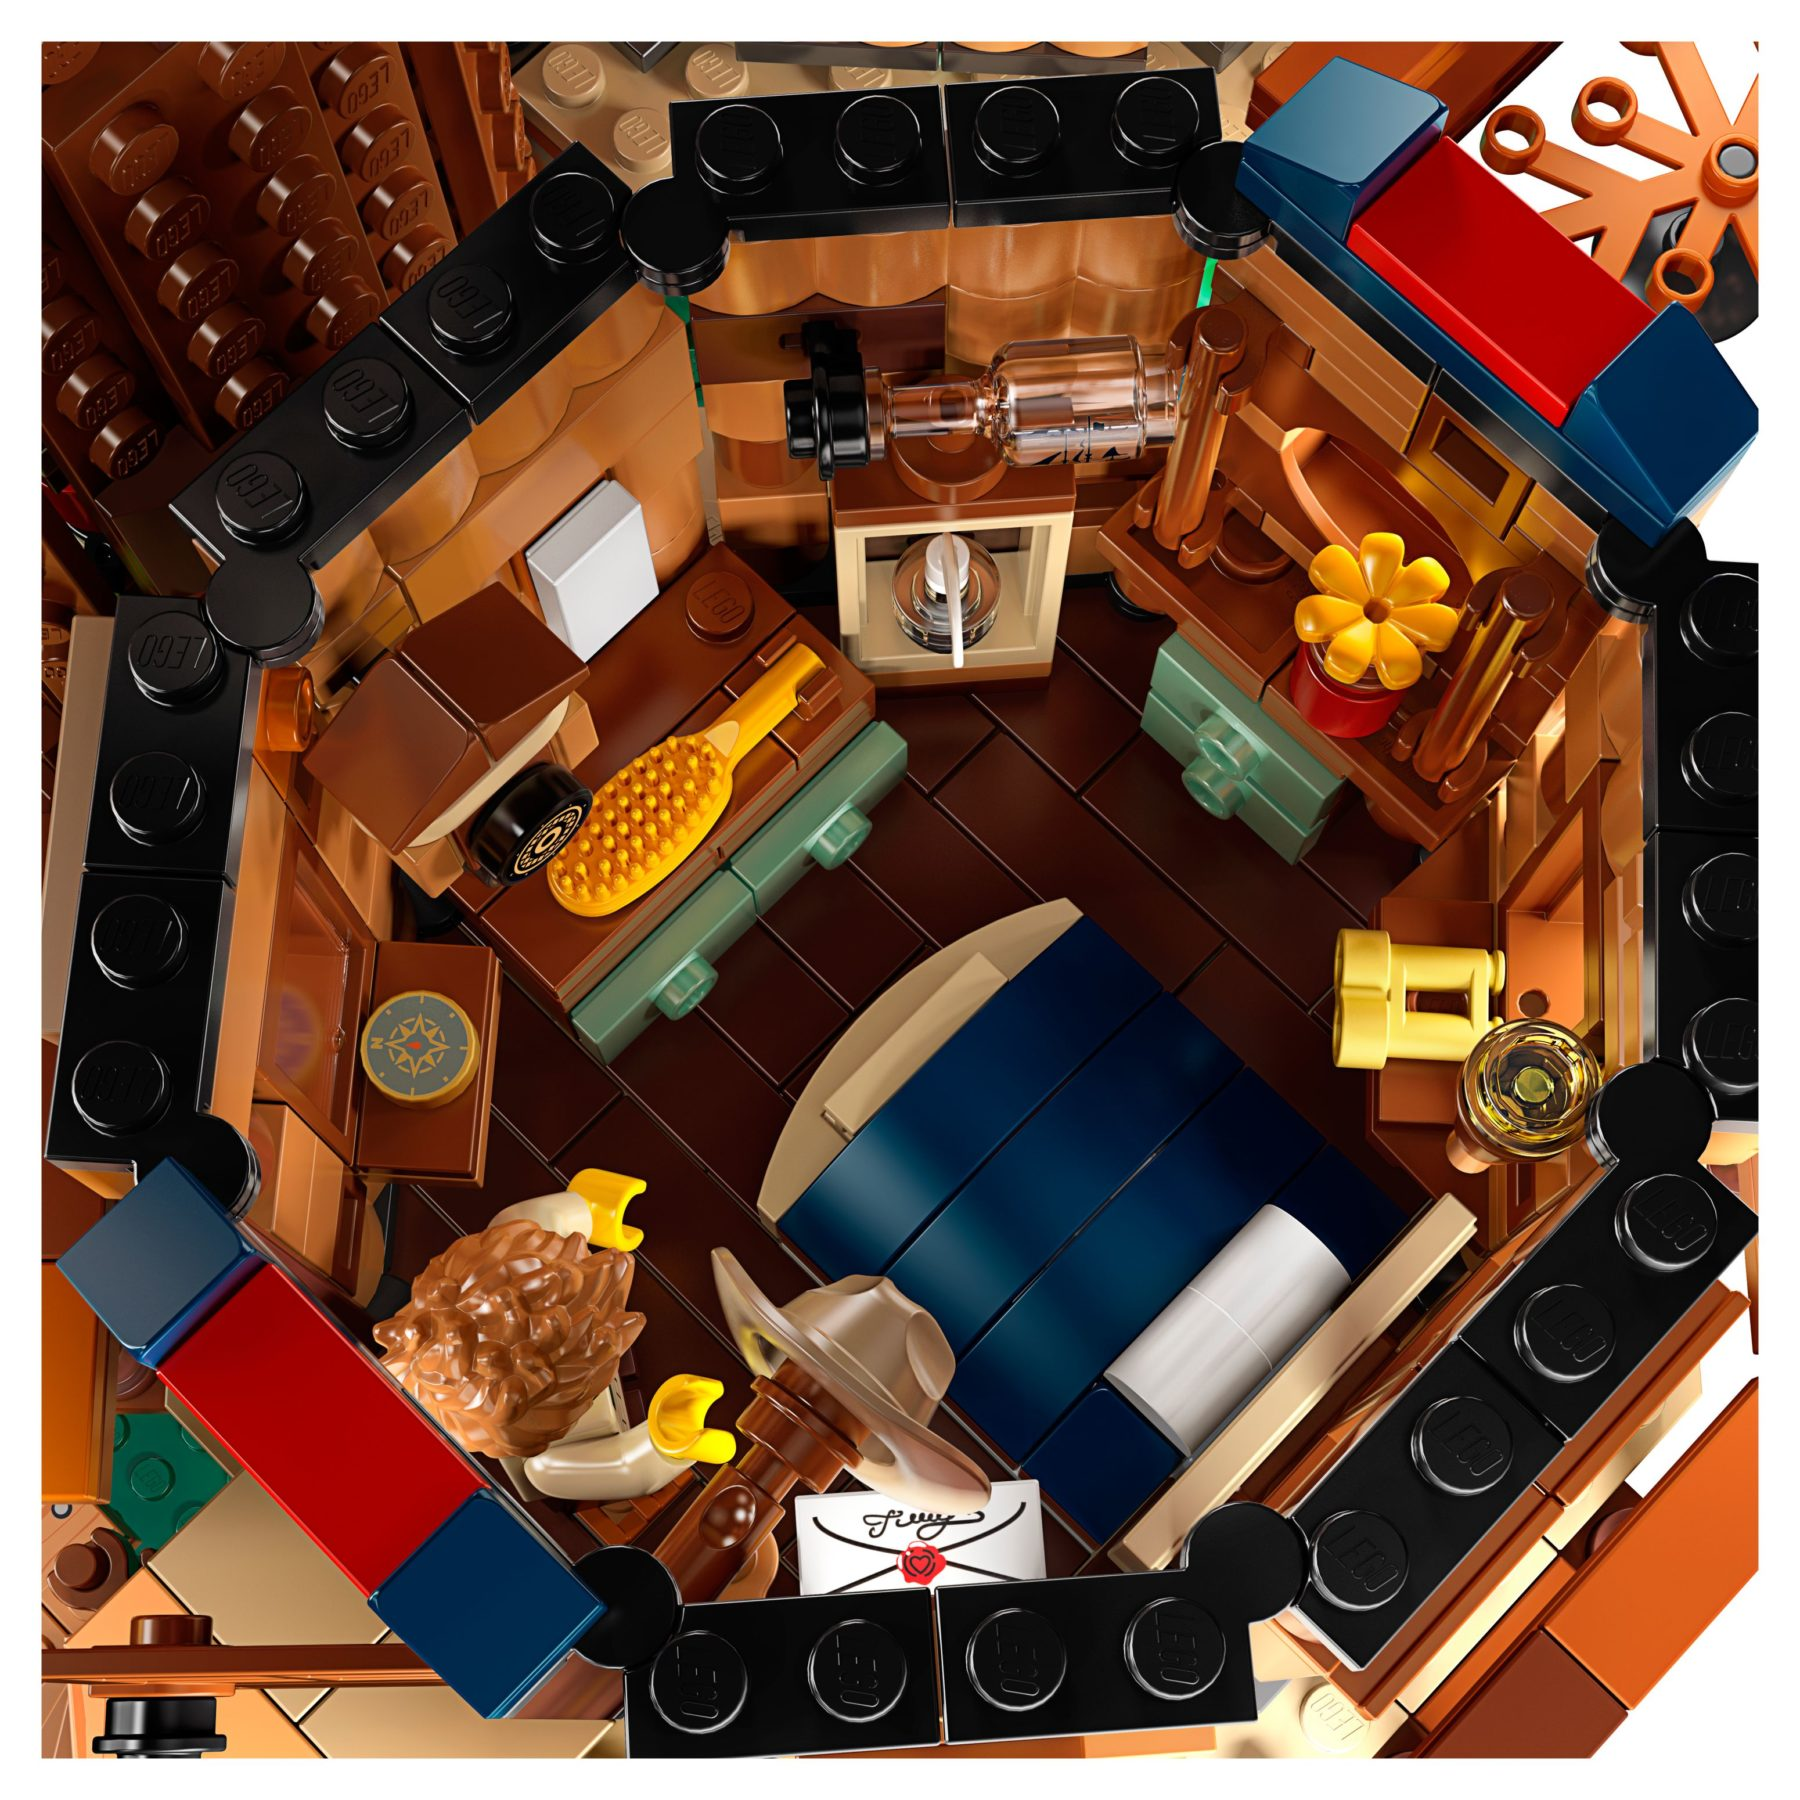 LEGO 21318 Baumhaus Innenraum #2